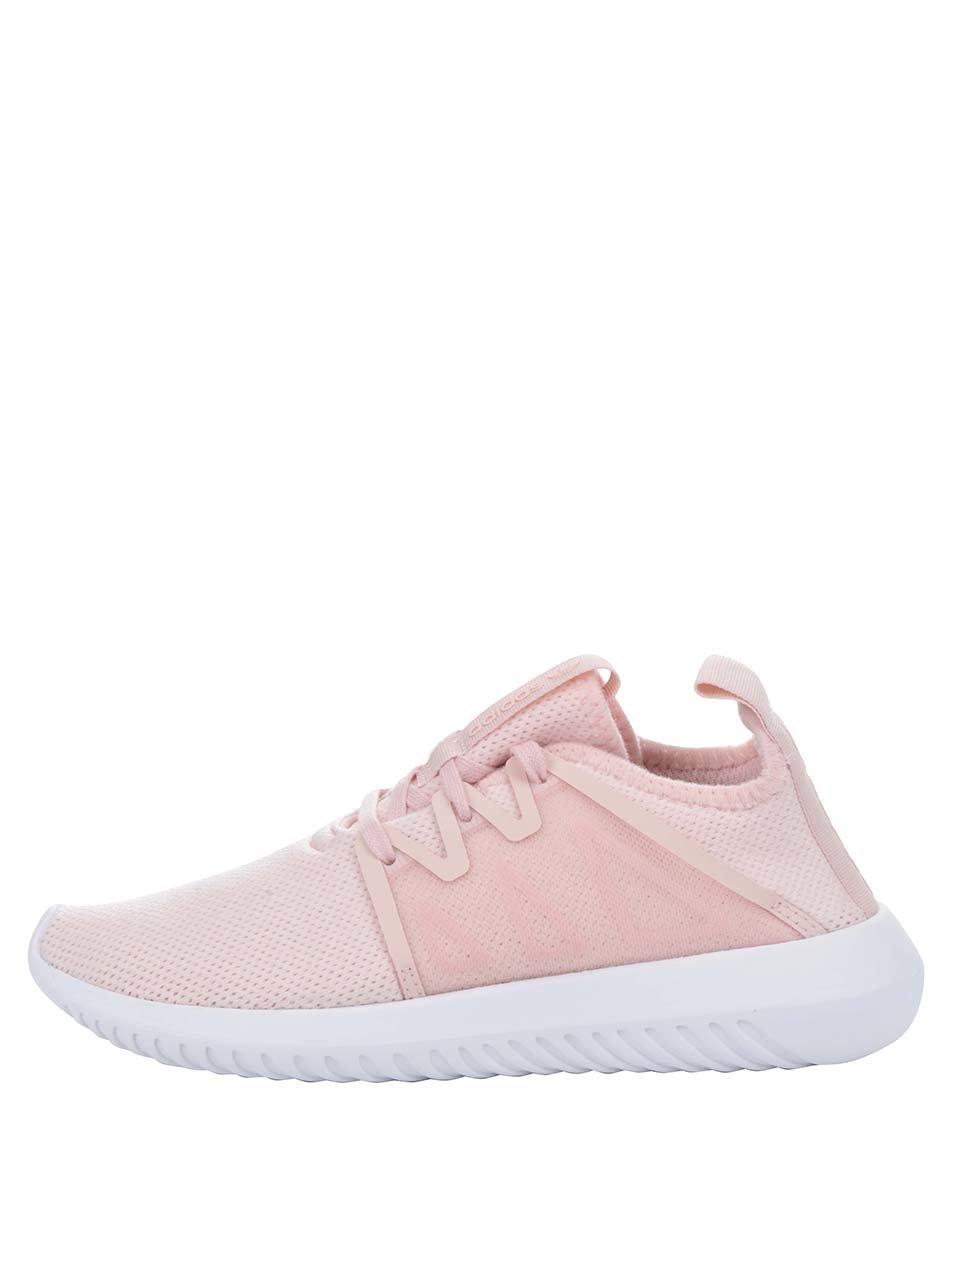 Ružové dámske tenisky adidas Originals Tubular ... ff417de99e4